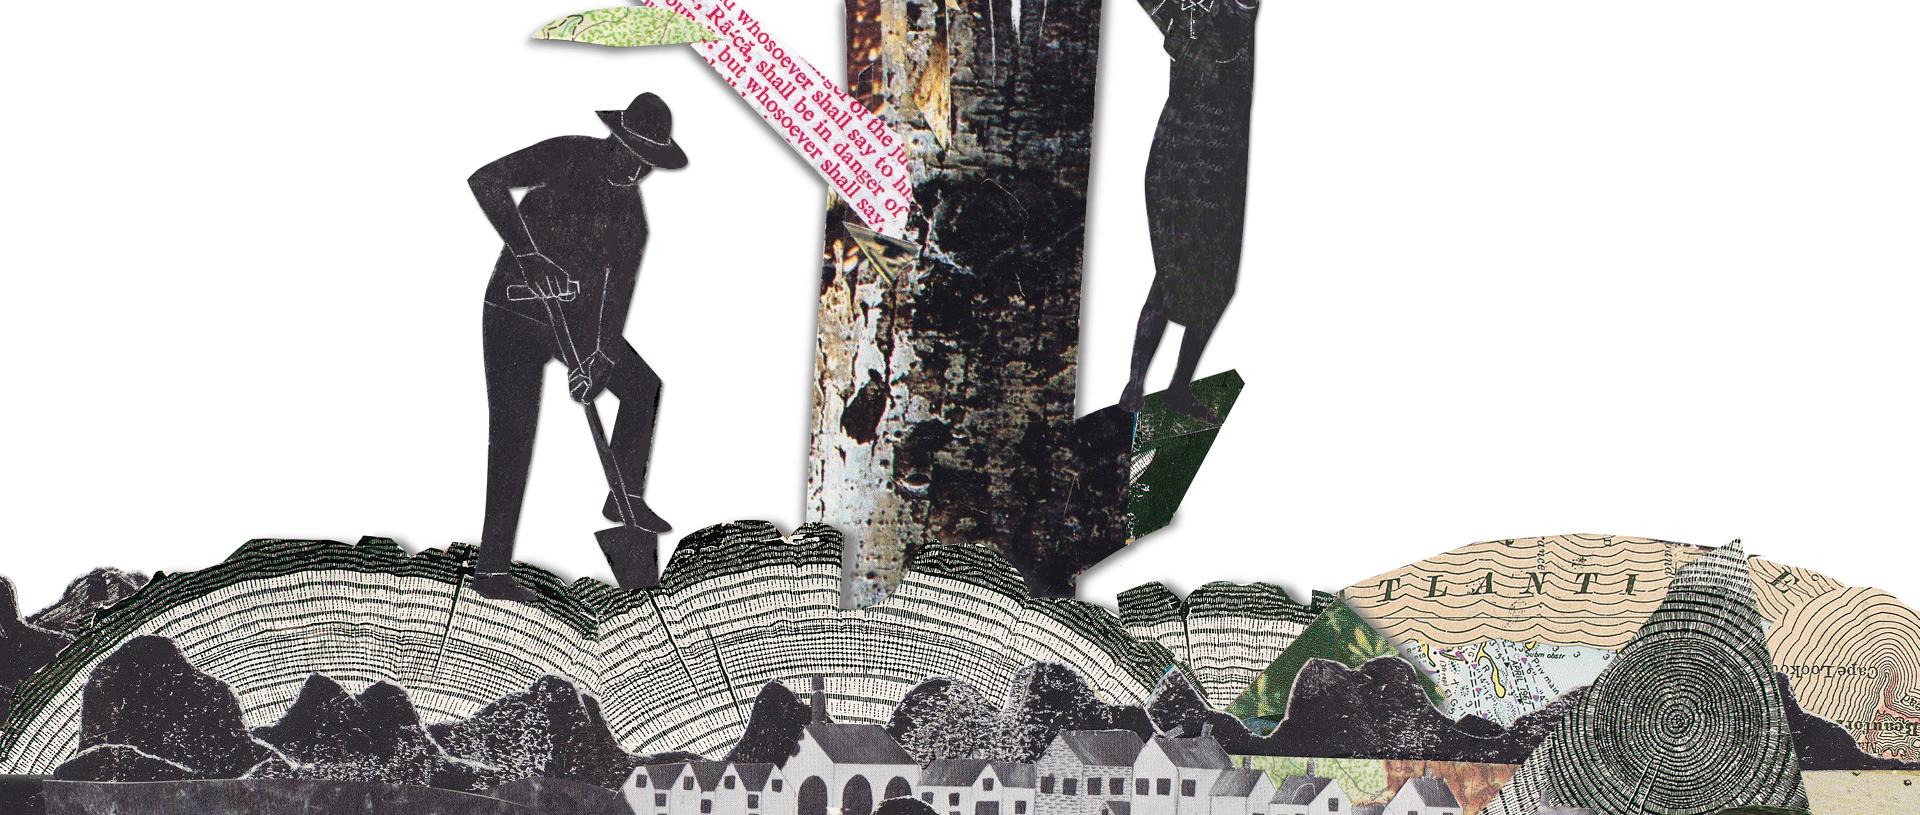 digging illustration banner